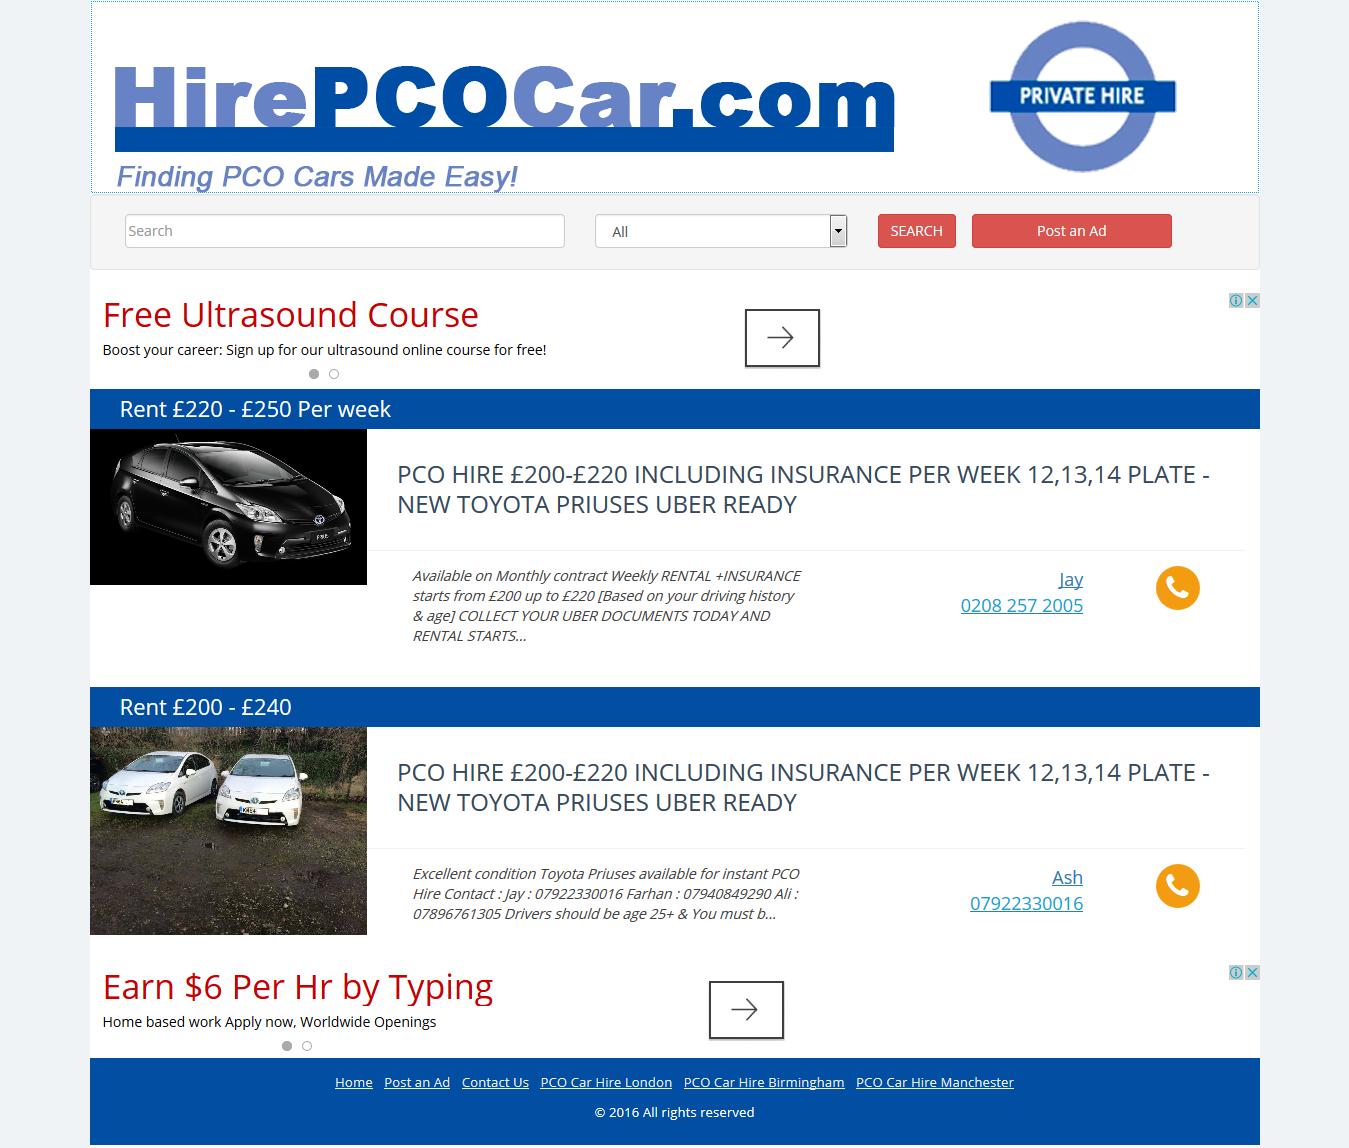 PCO Car Hire - Rent PCO Cars